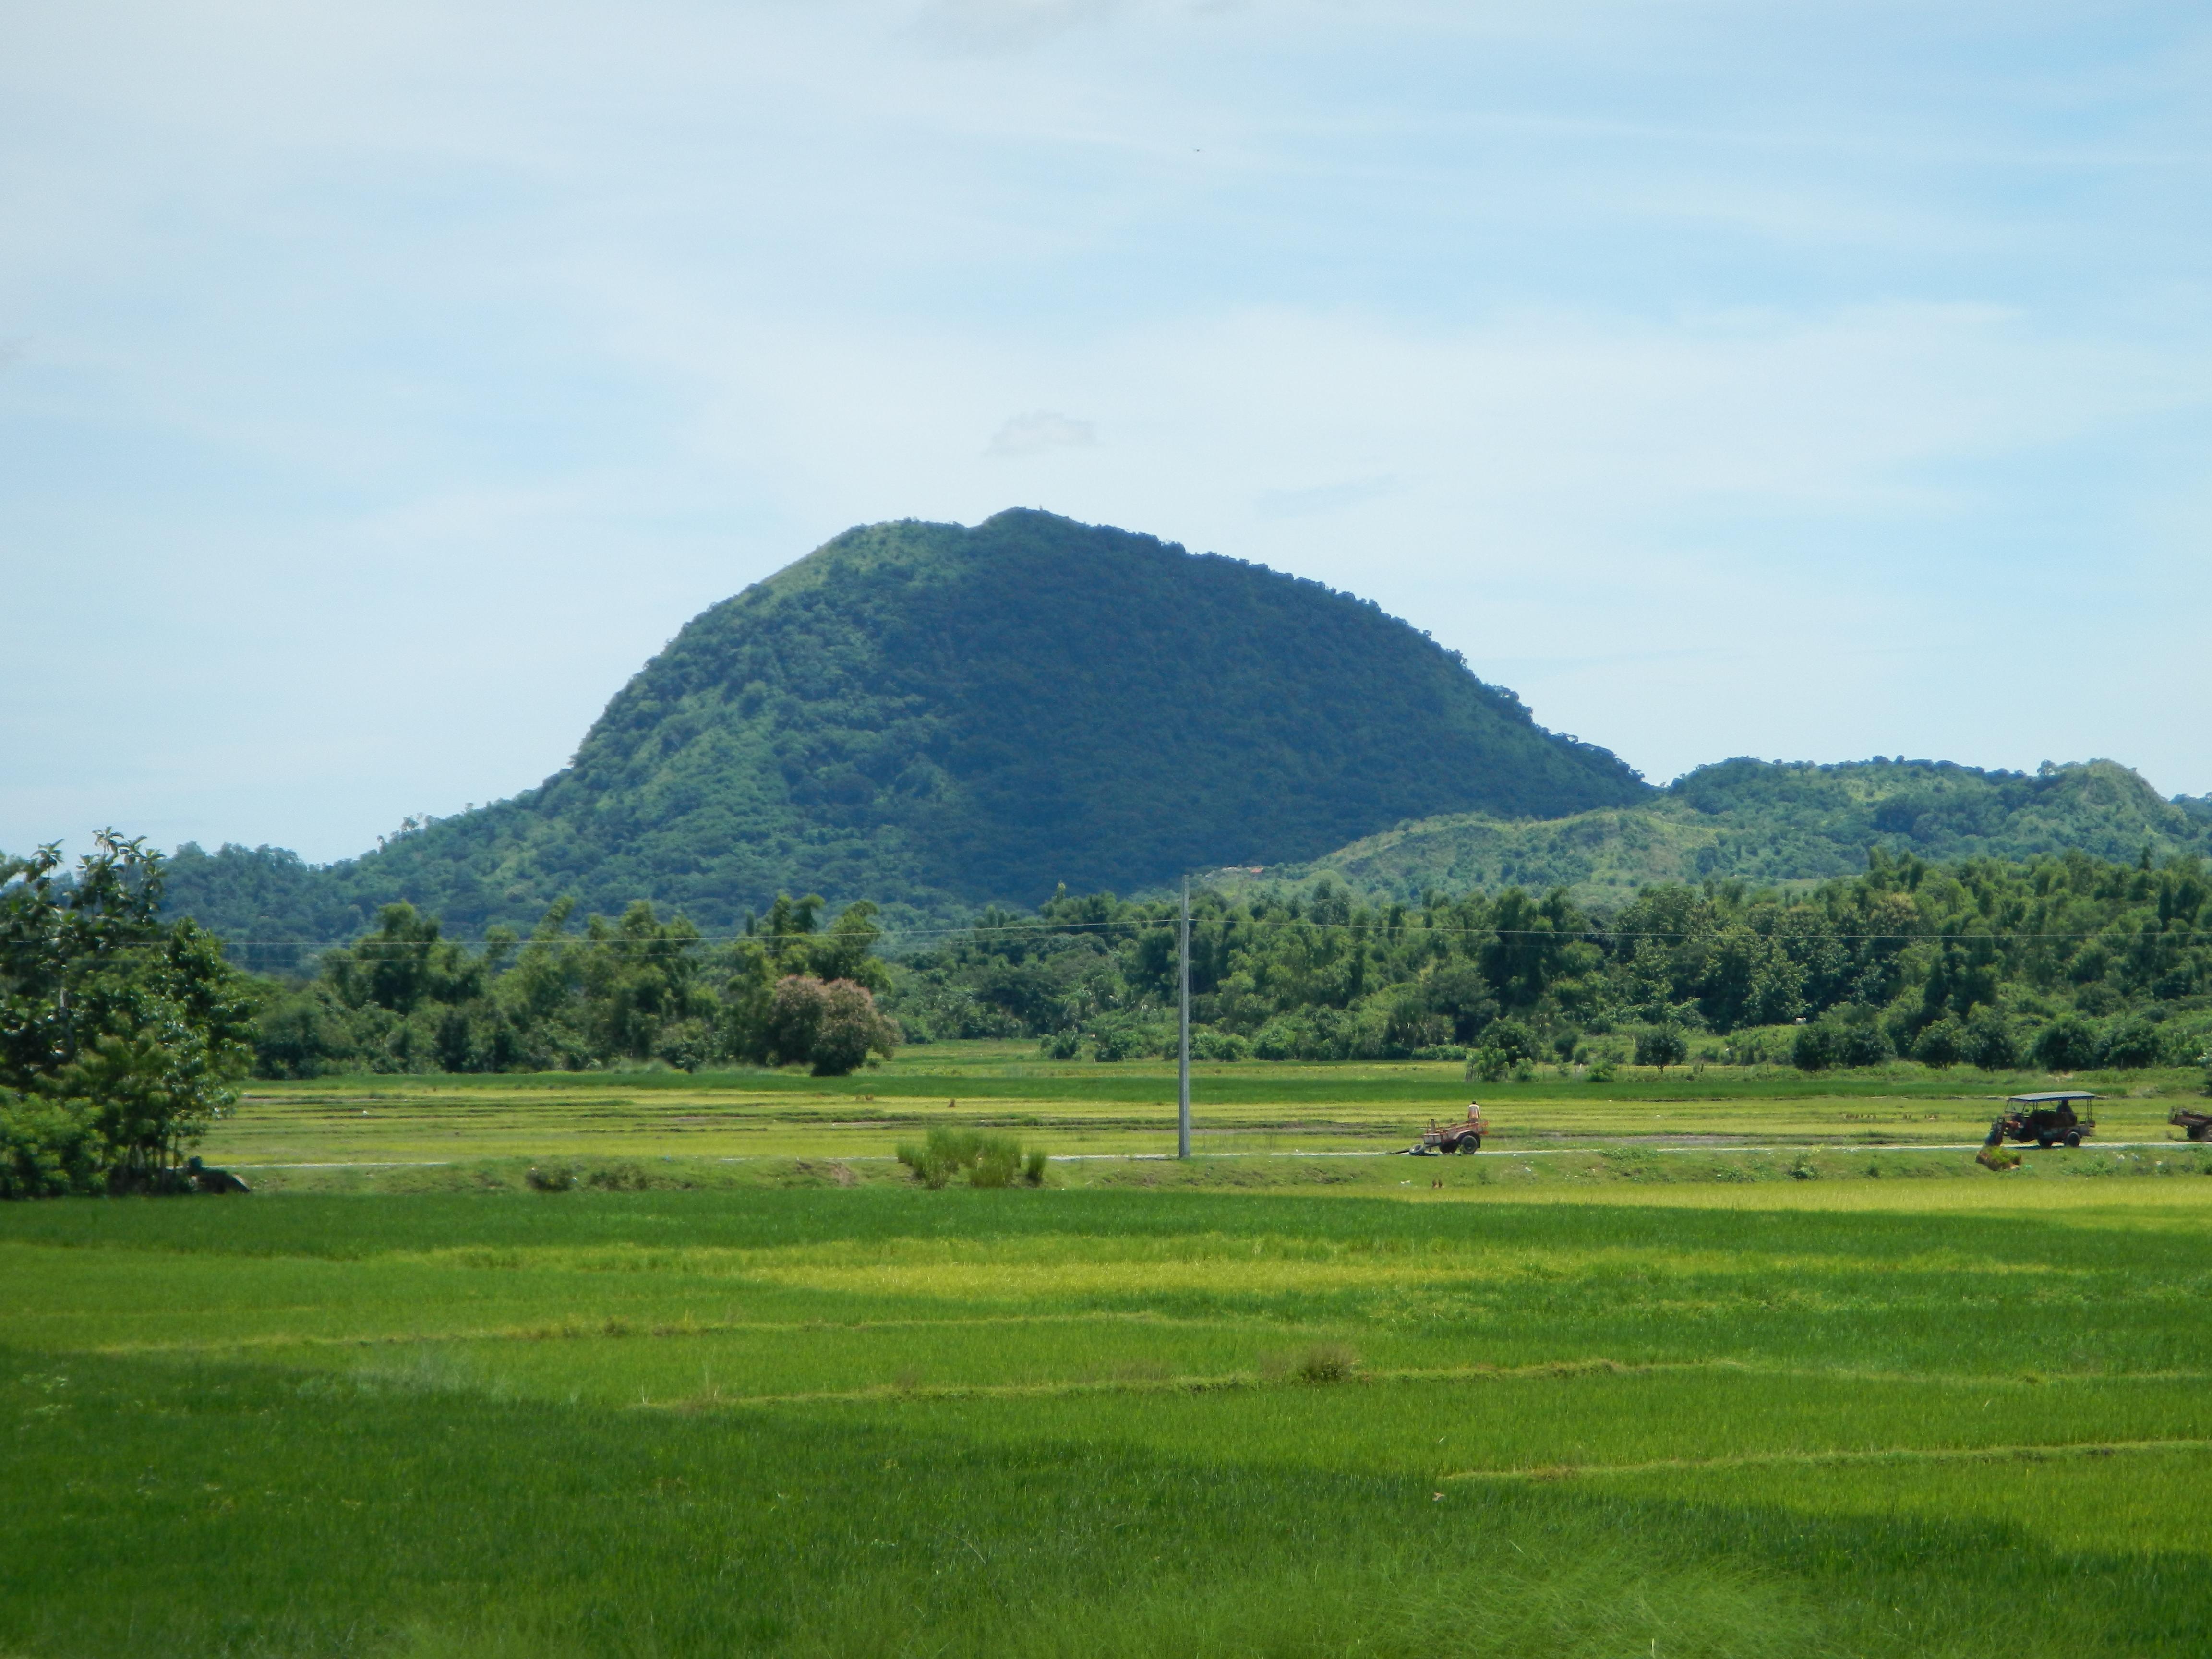 Mount Balungao